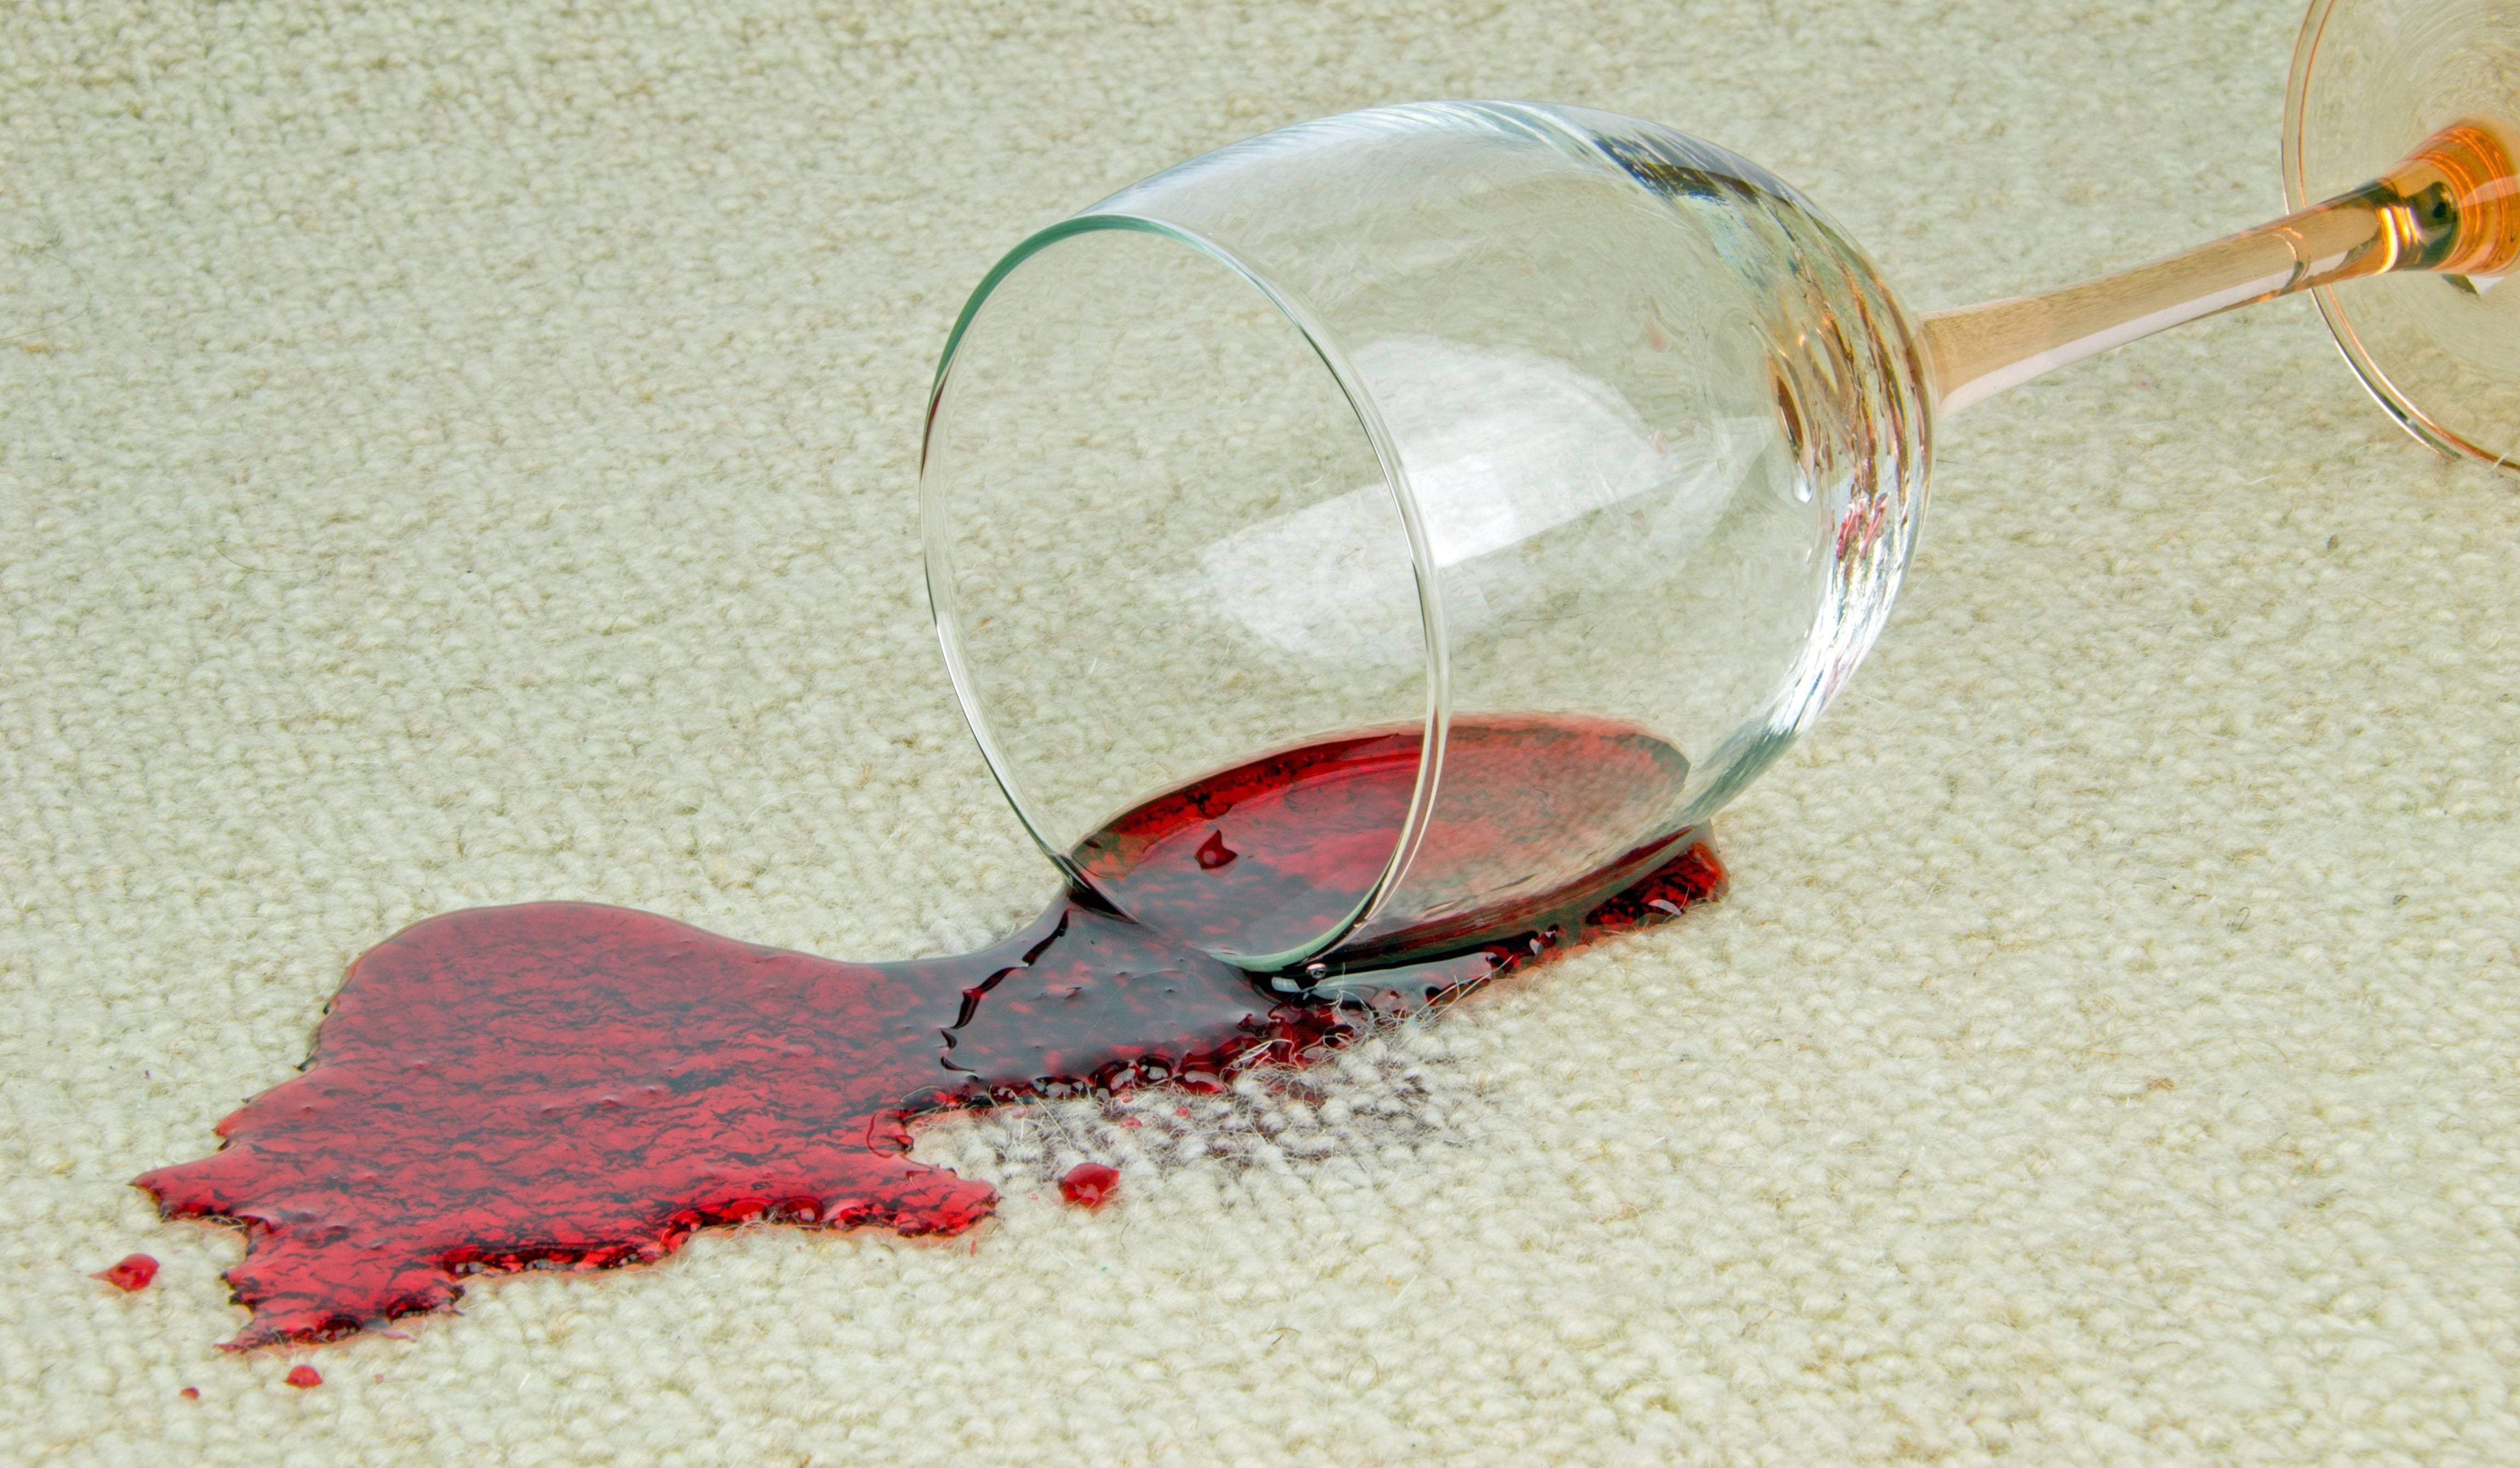 Как отстирать красное вино на одежде: народные и химические способы удаления красных винных пятен